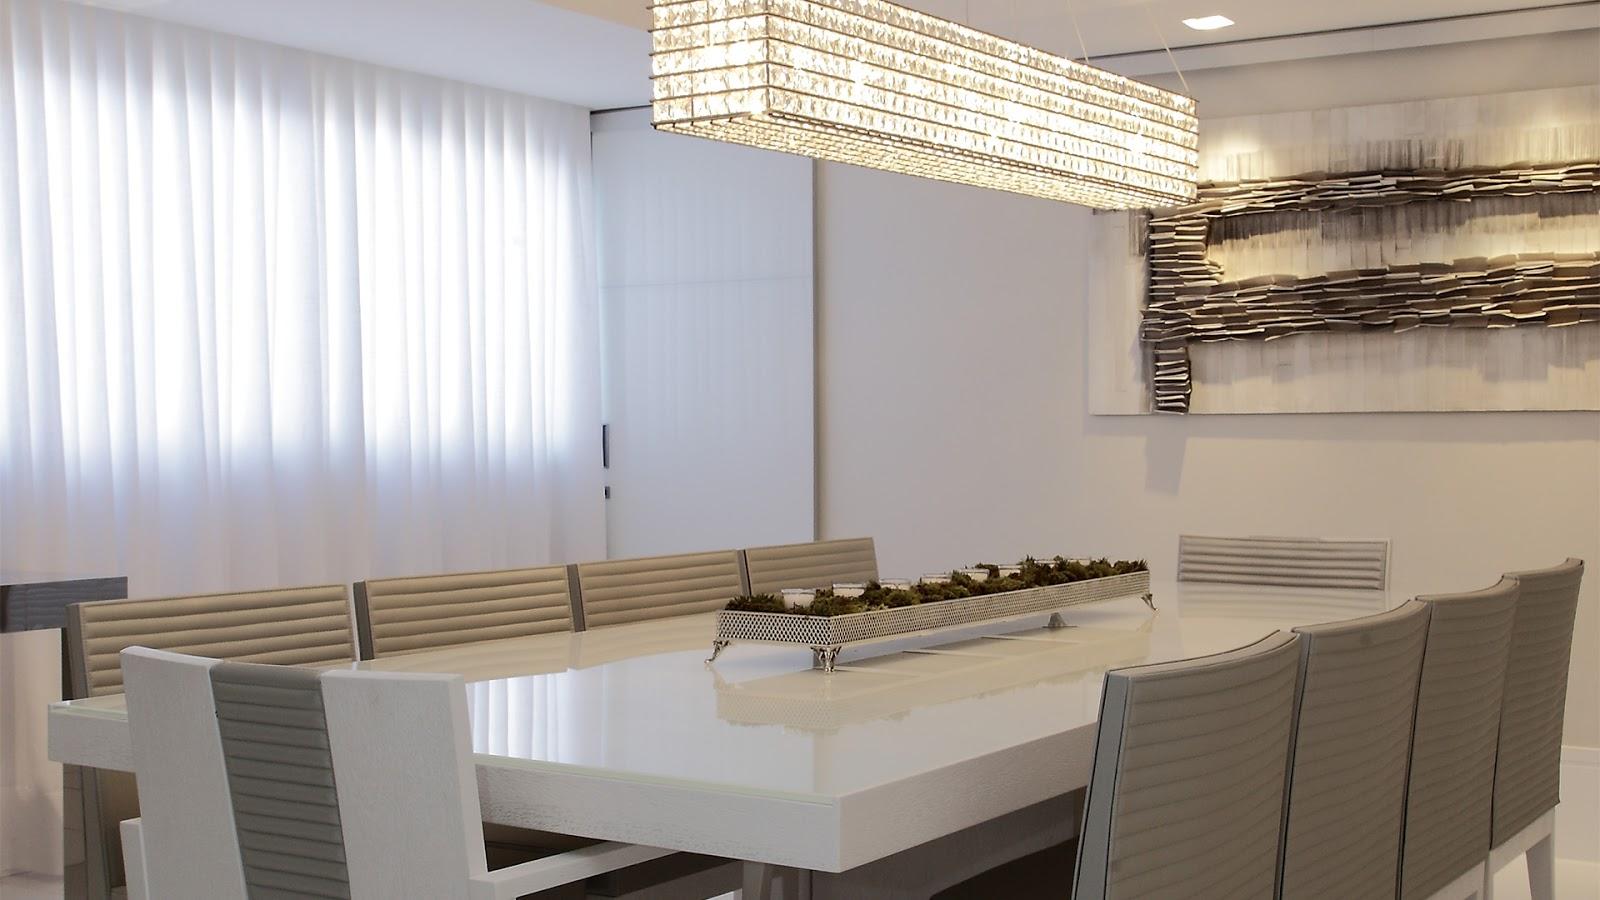 #7F6A4C Salas de estar jantar e tv integradas e decoradas de preto branco e  1600x900 píxeis em Decoração De Sala De Estar Branco E Preto